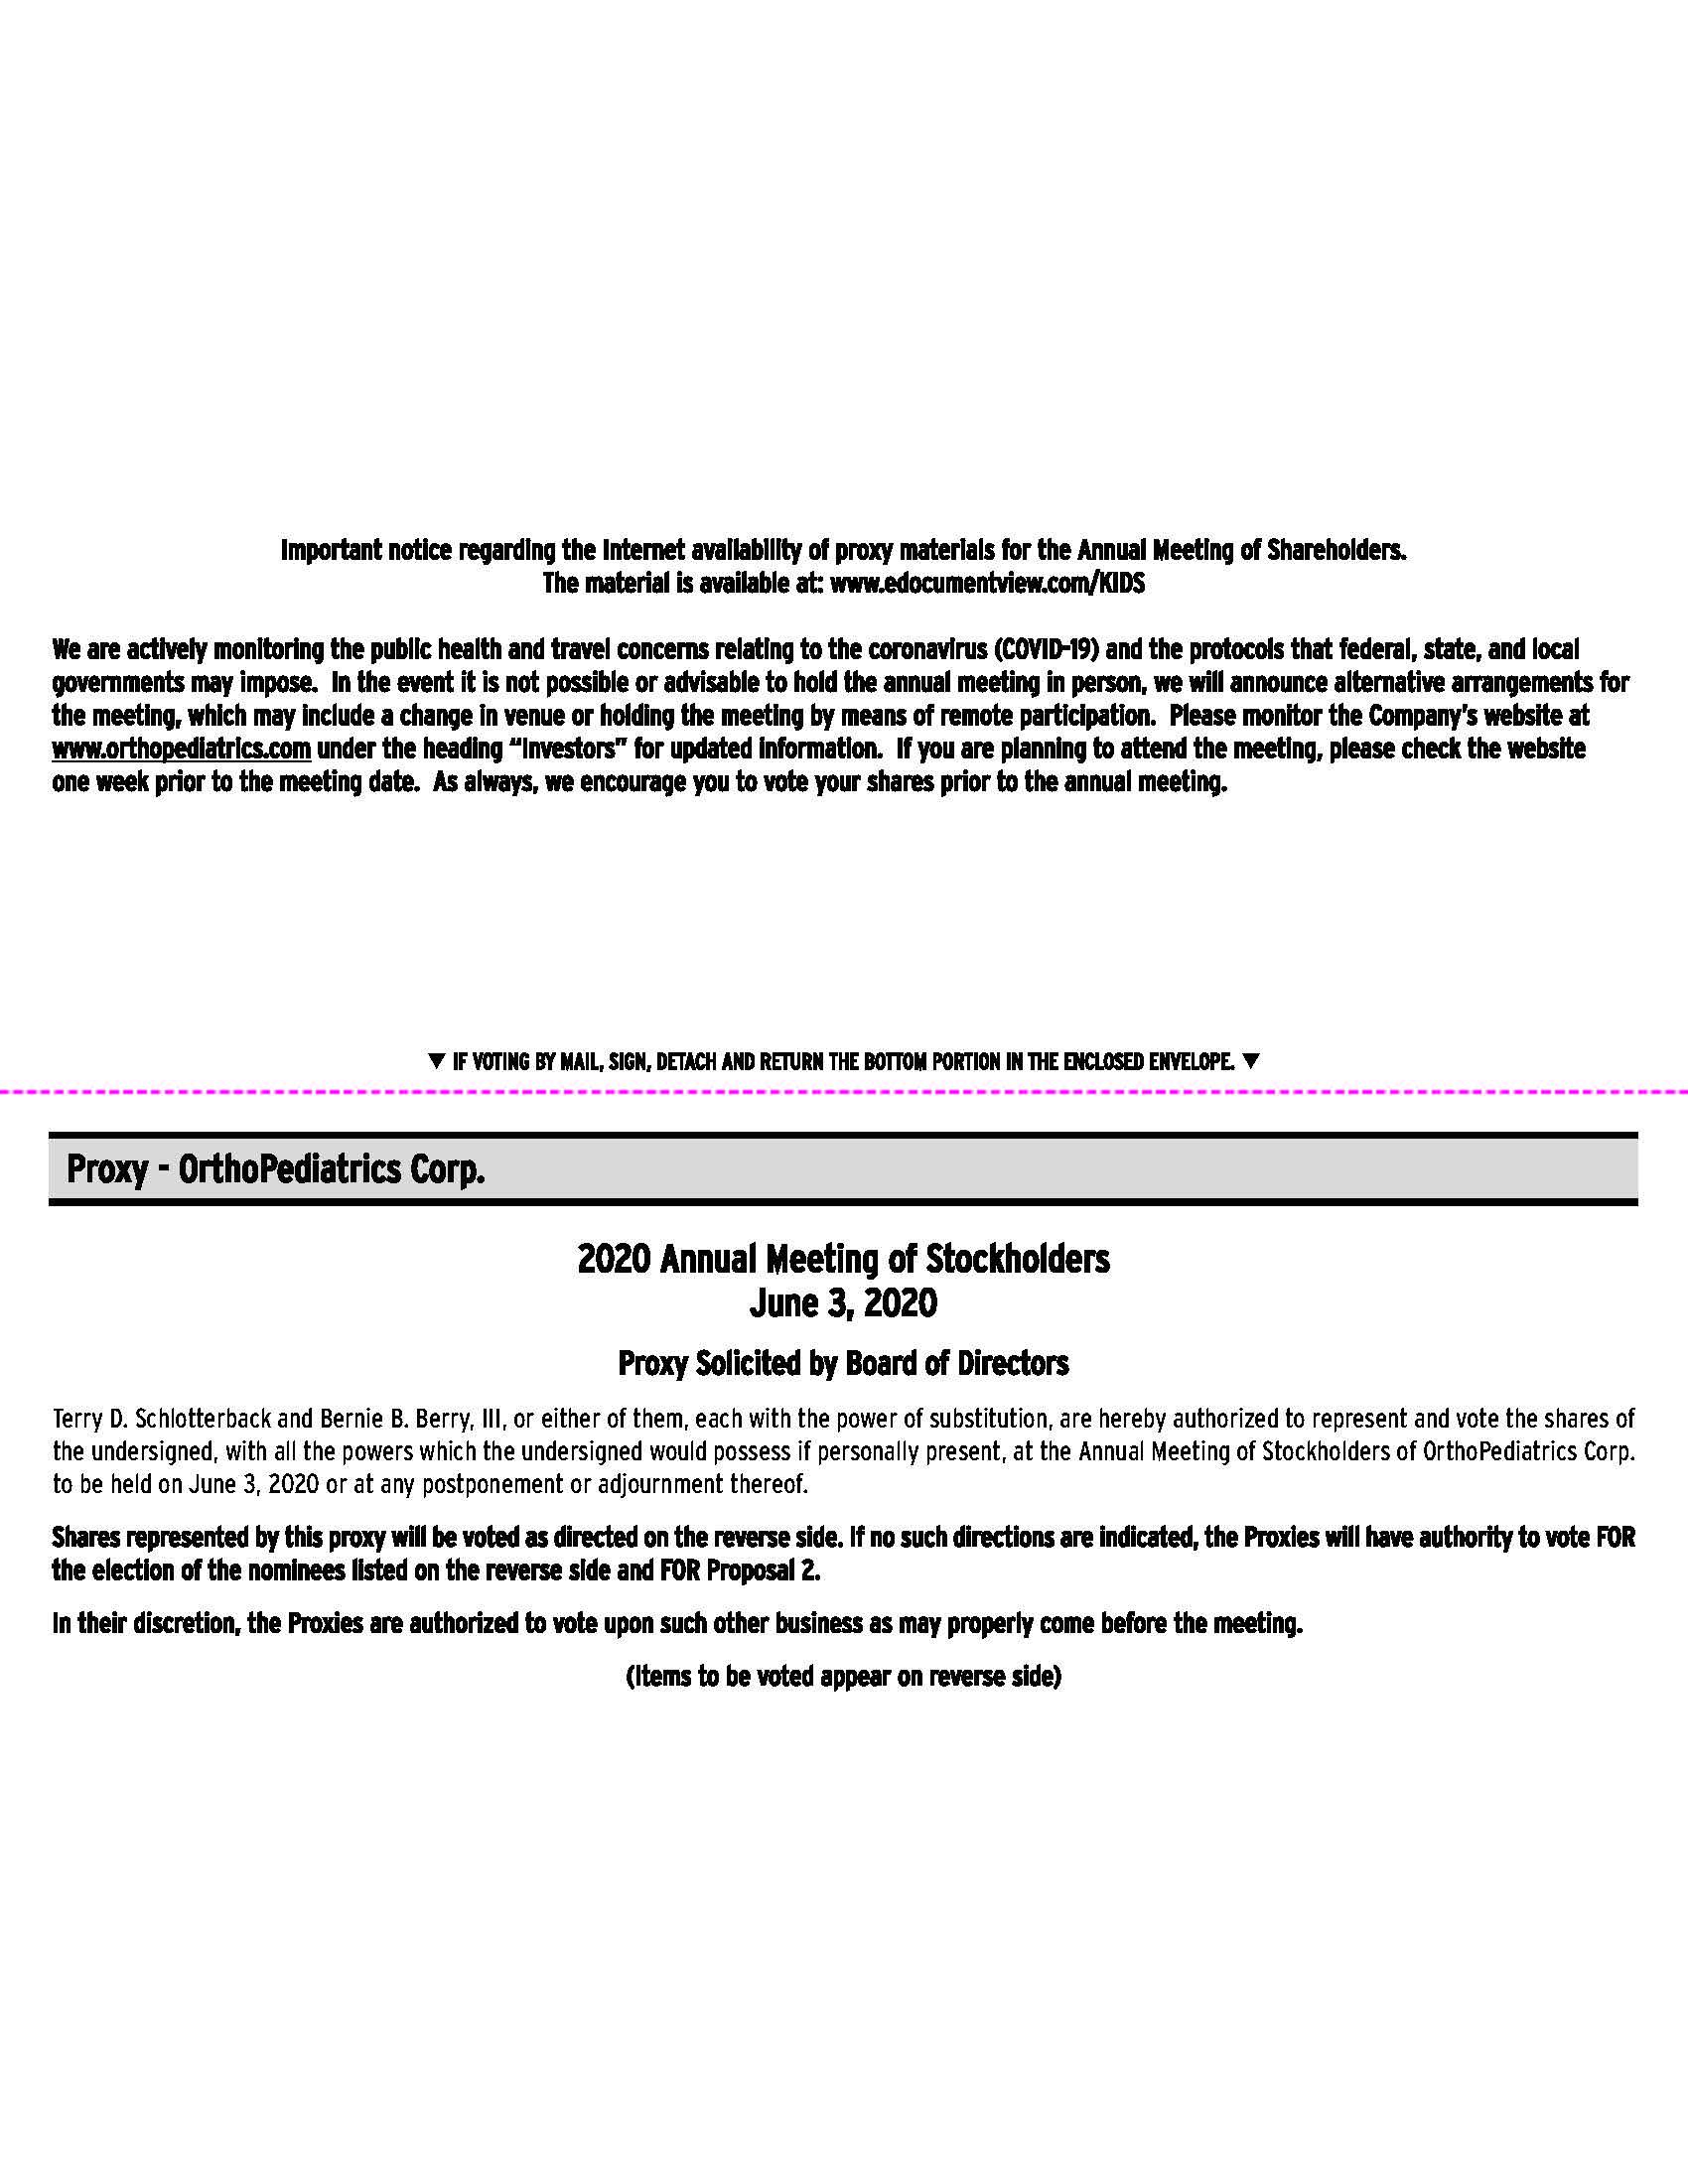 https://cdn.kscope.io/0a80d8de99bcf055901ec39048ac0df6-a038z3a_orthopediatricsxbr1.jpg